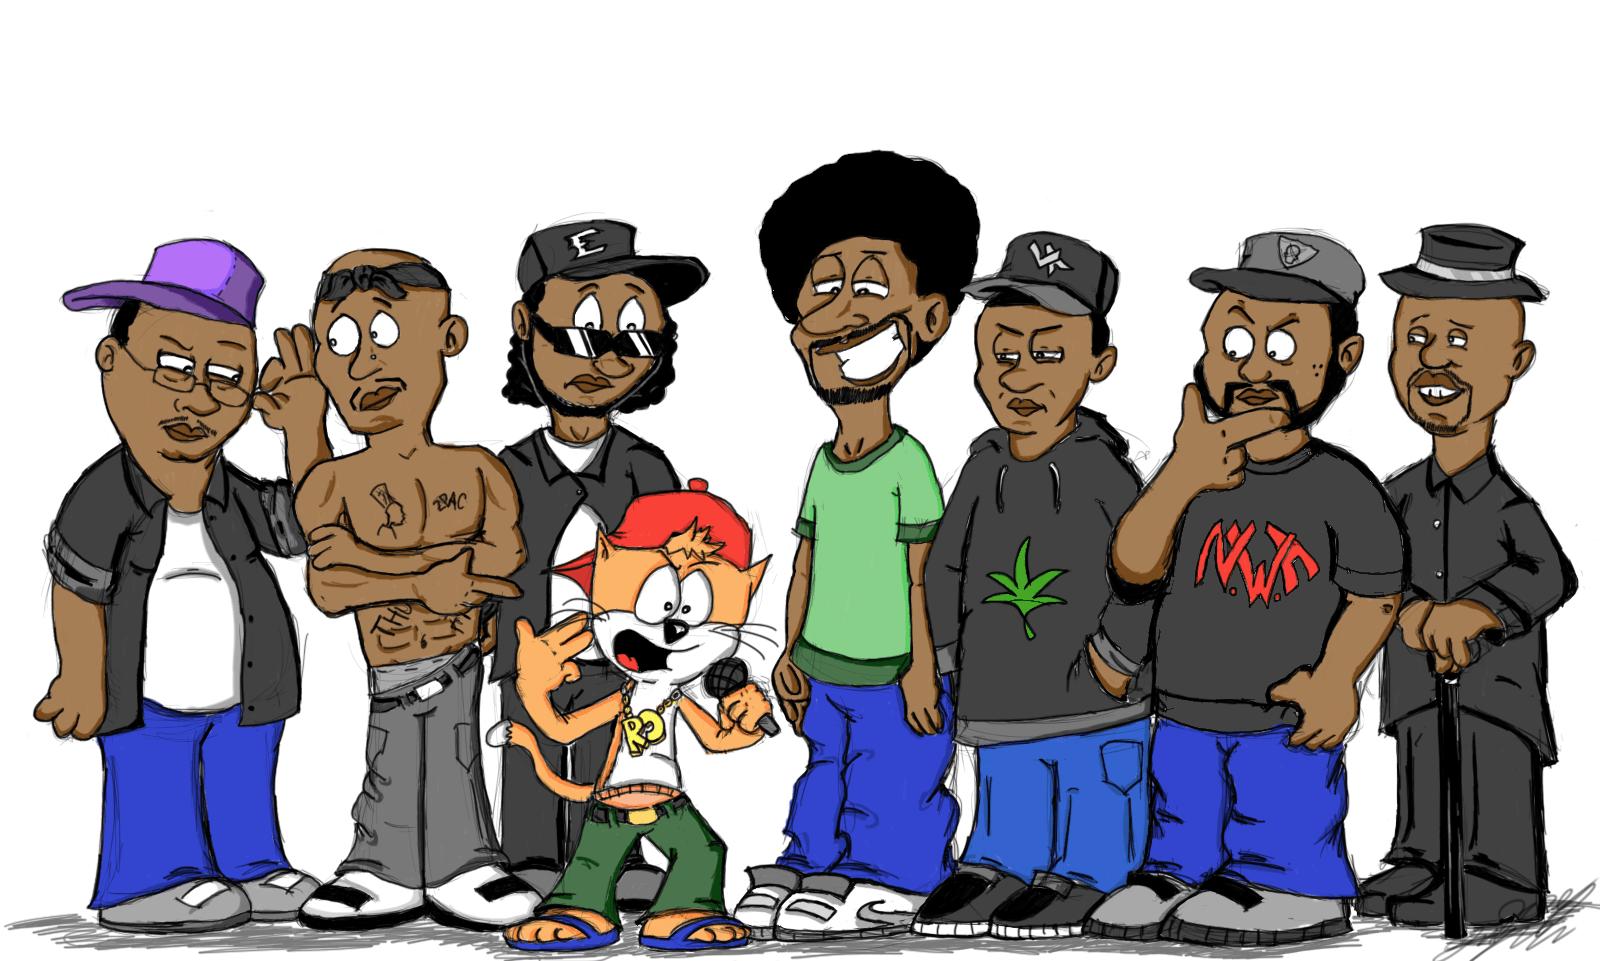 Eazy E Cartoon: Rap Cartoon Wallpaper Hd Labzada Wallpaper